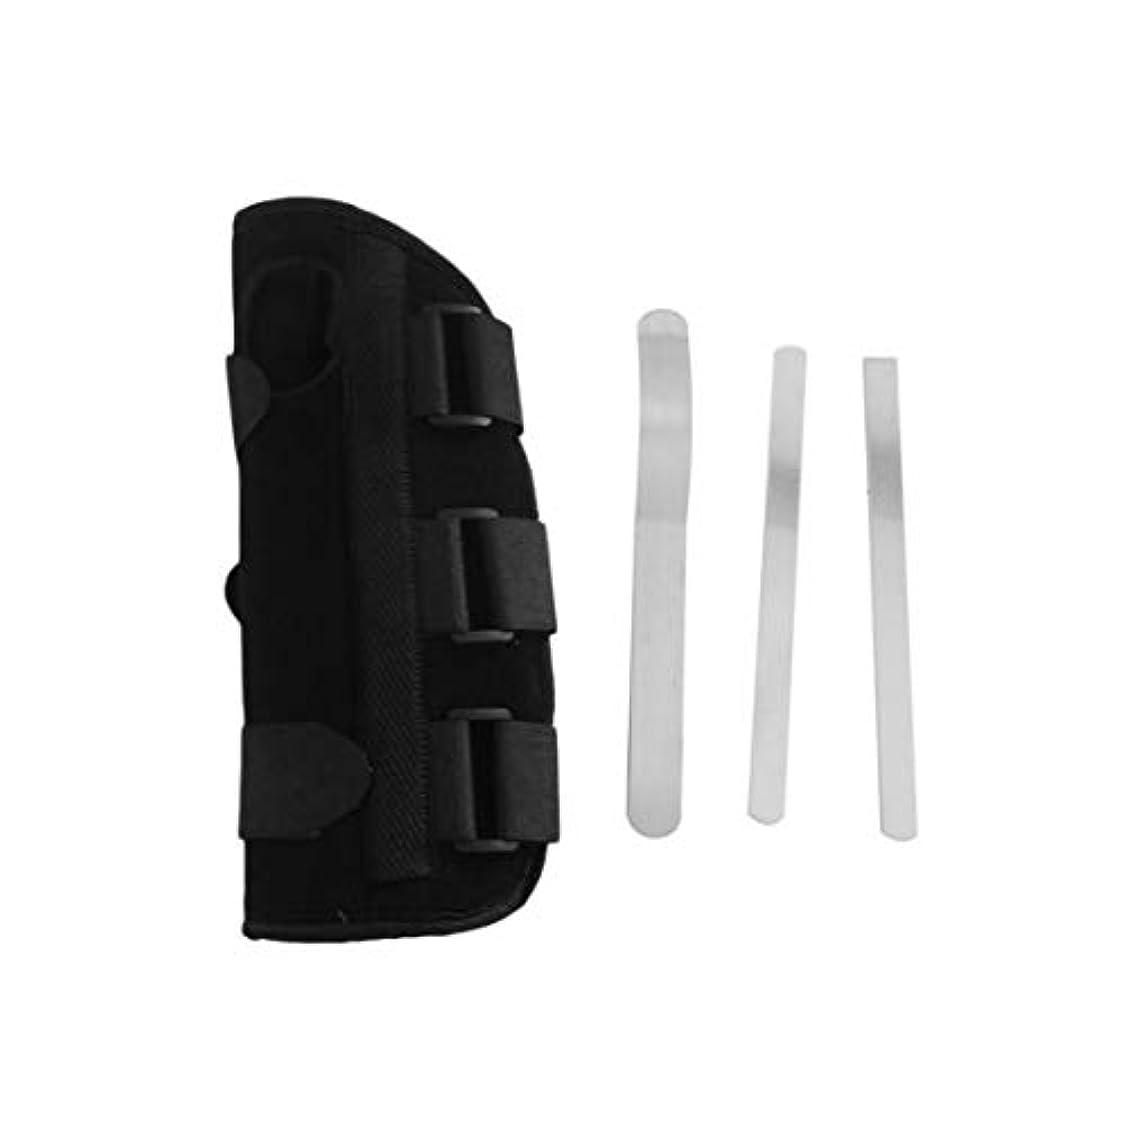 フラッシュのように素早く歩道論理的手首副木ブレース保護サポートストラップカルペルトンネルCTS RSI痛み軽減リムーバブル副木快適な軽量ストラップ - ブラックM